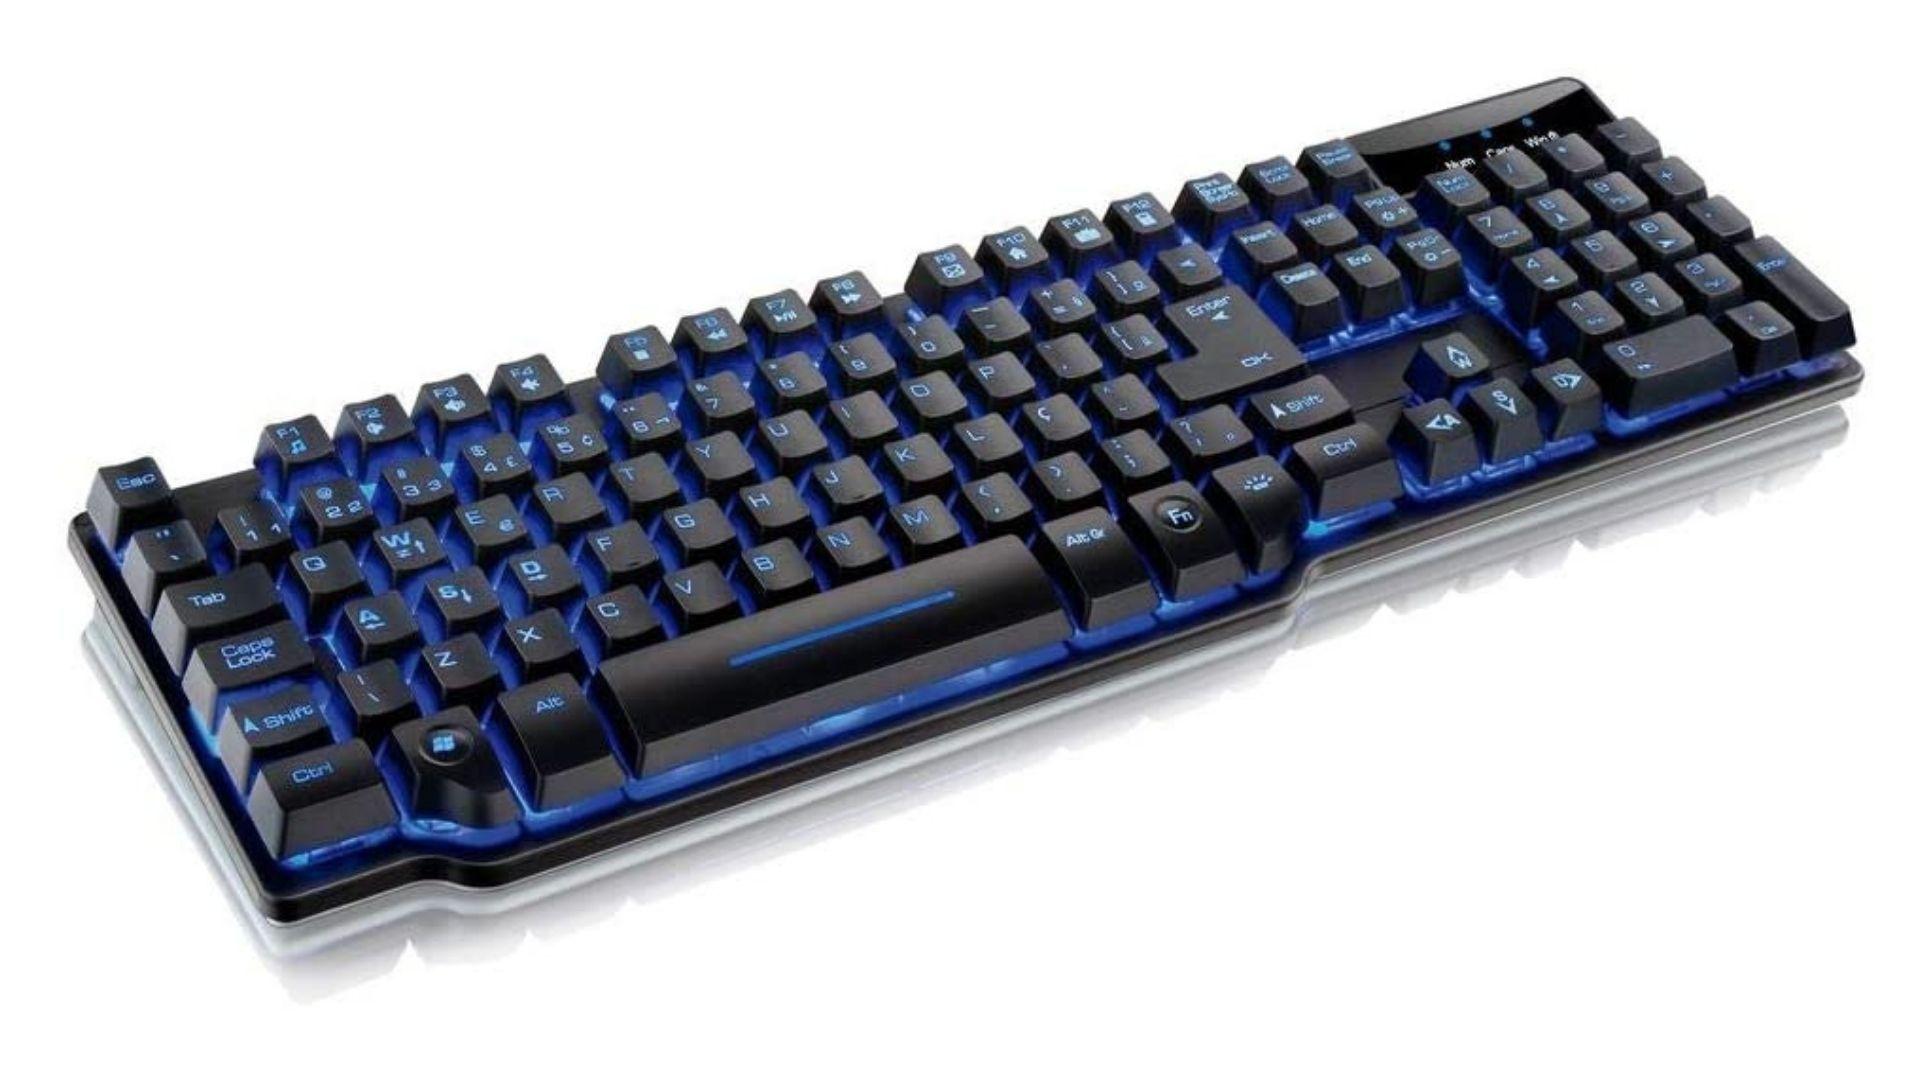 O teclado semi mecânico Warrior TC196 é um dos mais conhecidos da Multilaser. (Fonte: Reprodução)